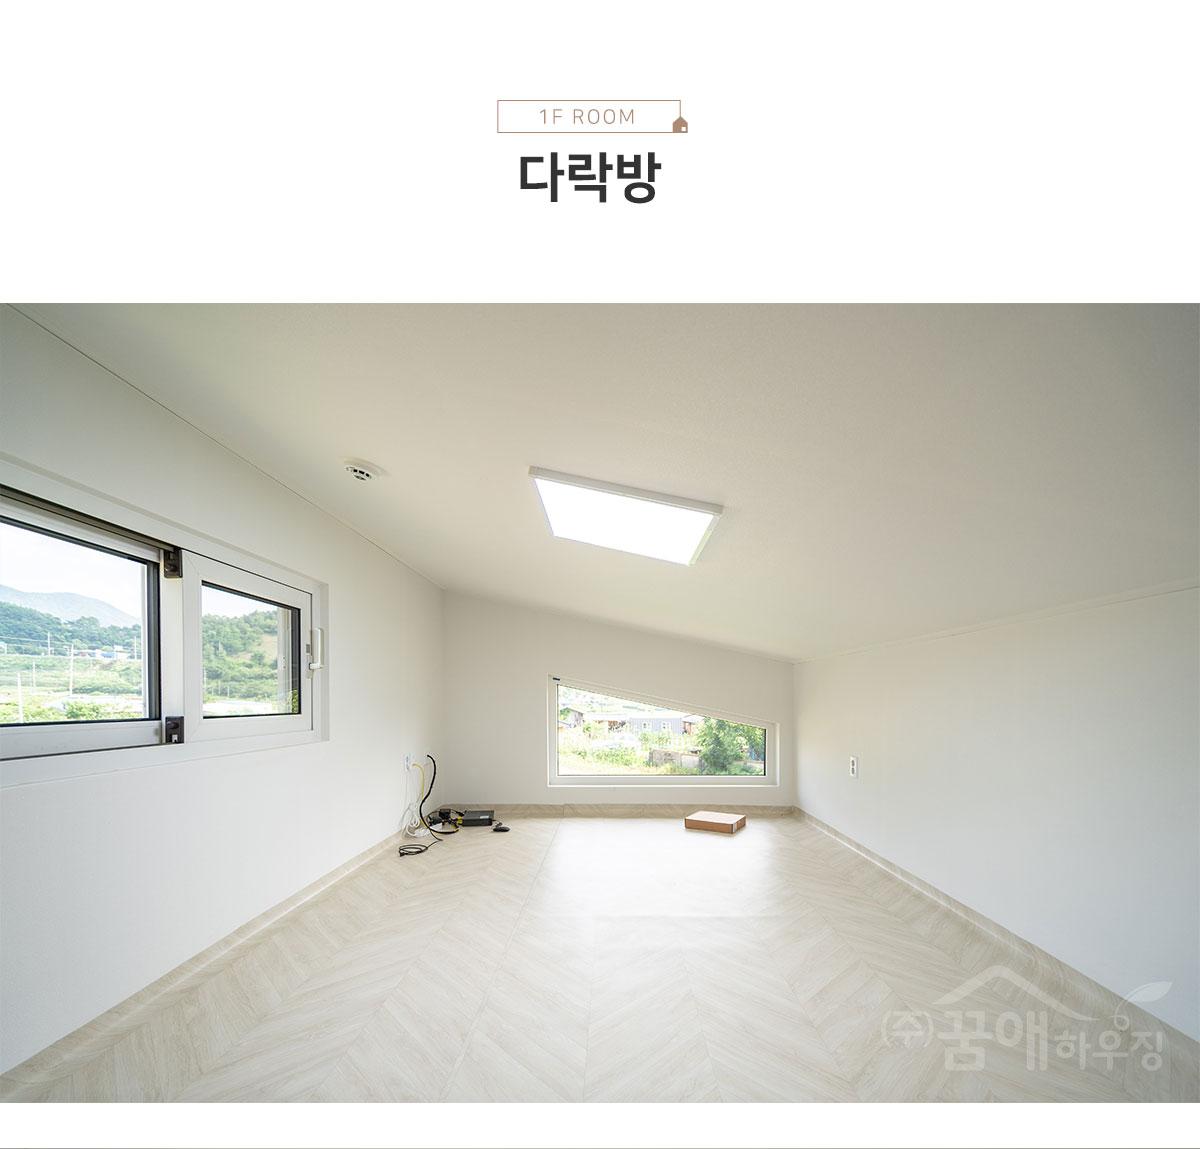 006_room_충북제천시_오혜연_01.jpg